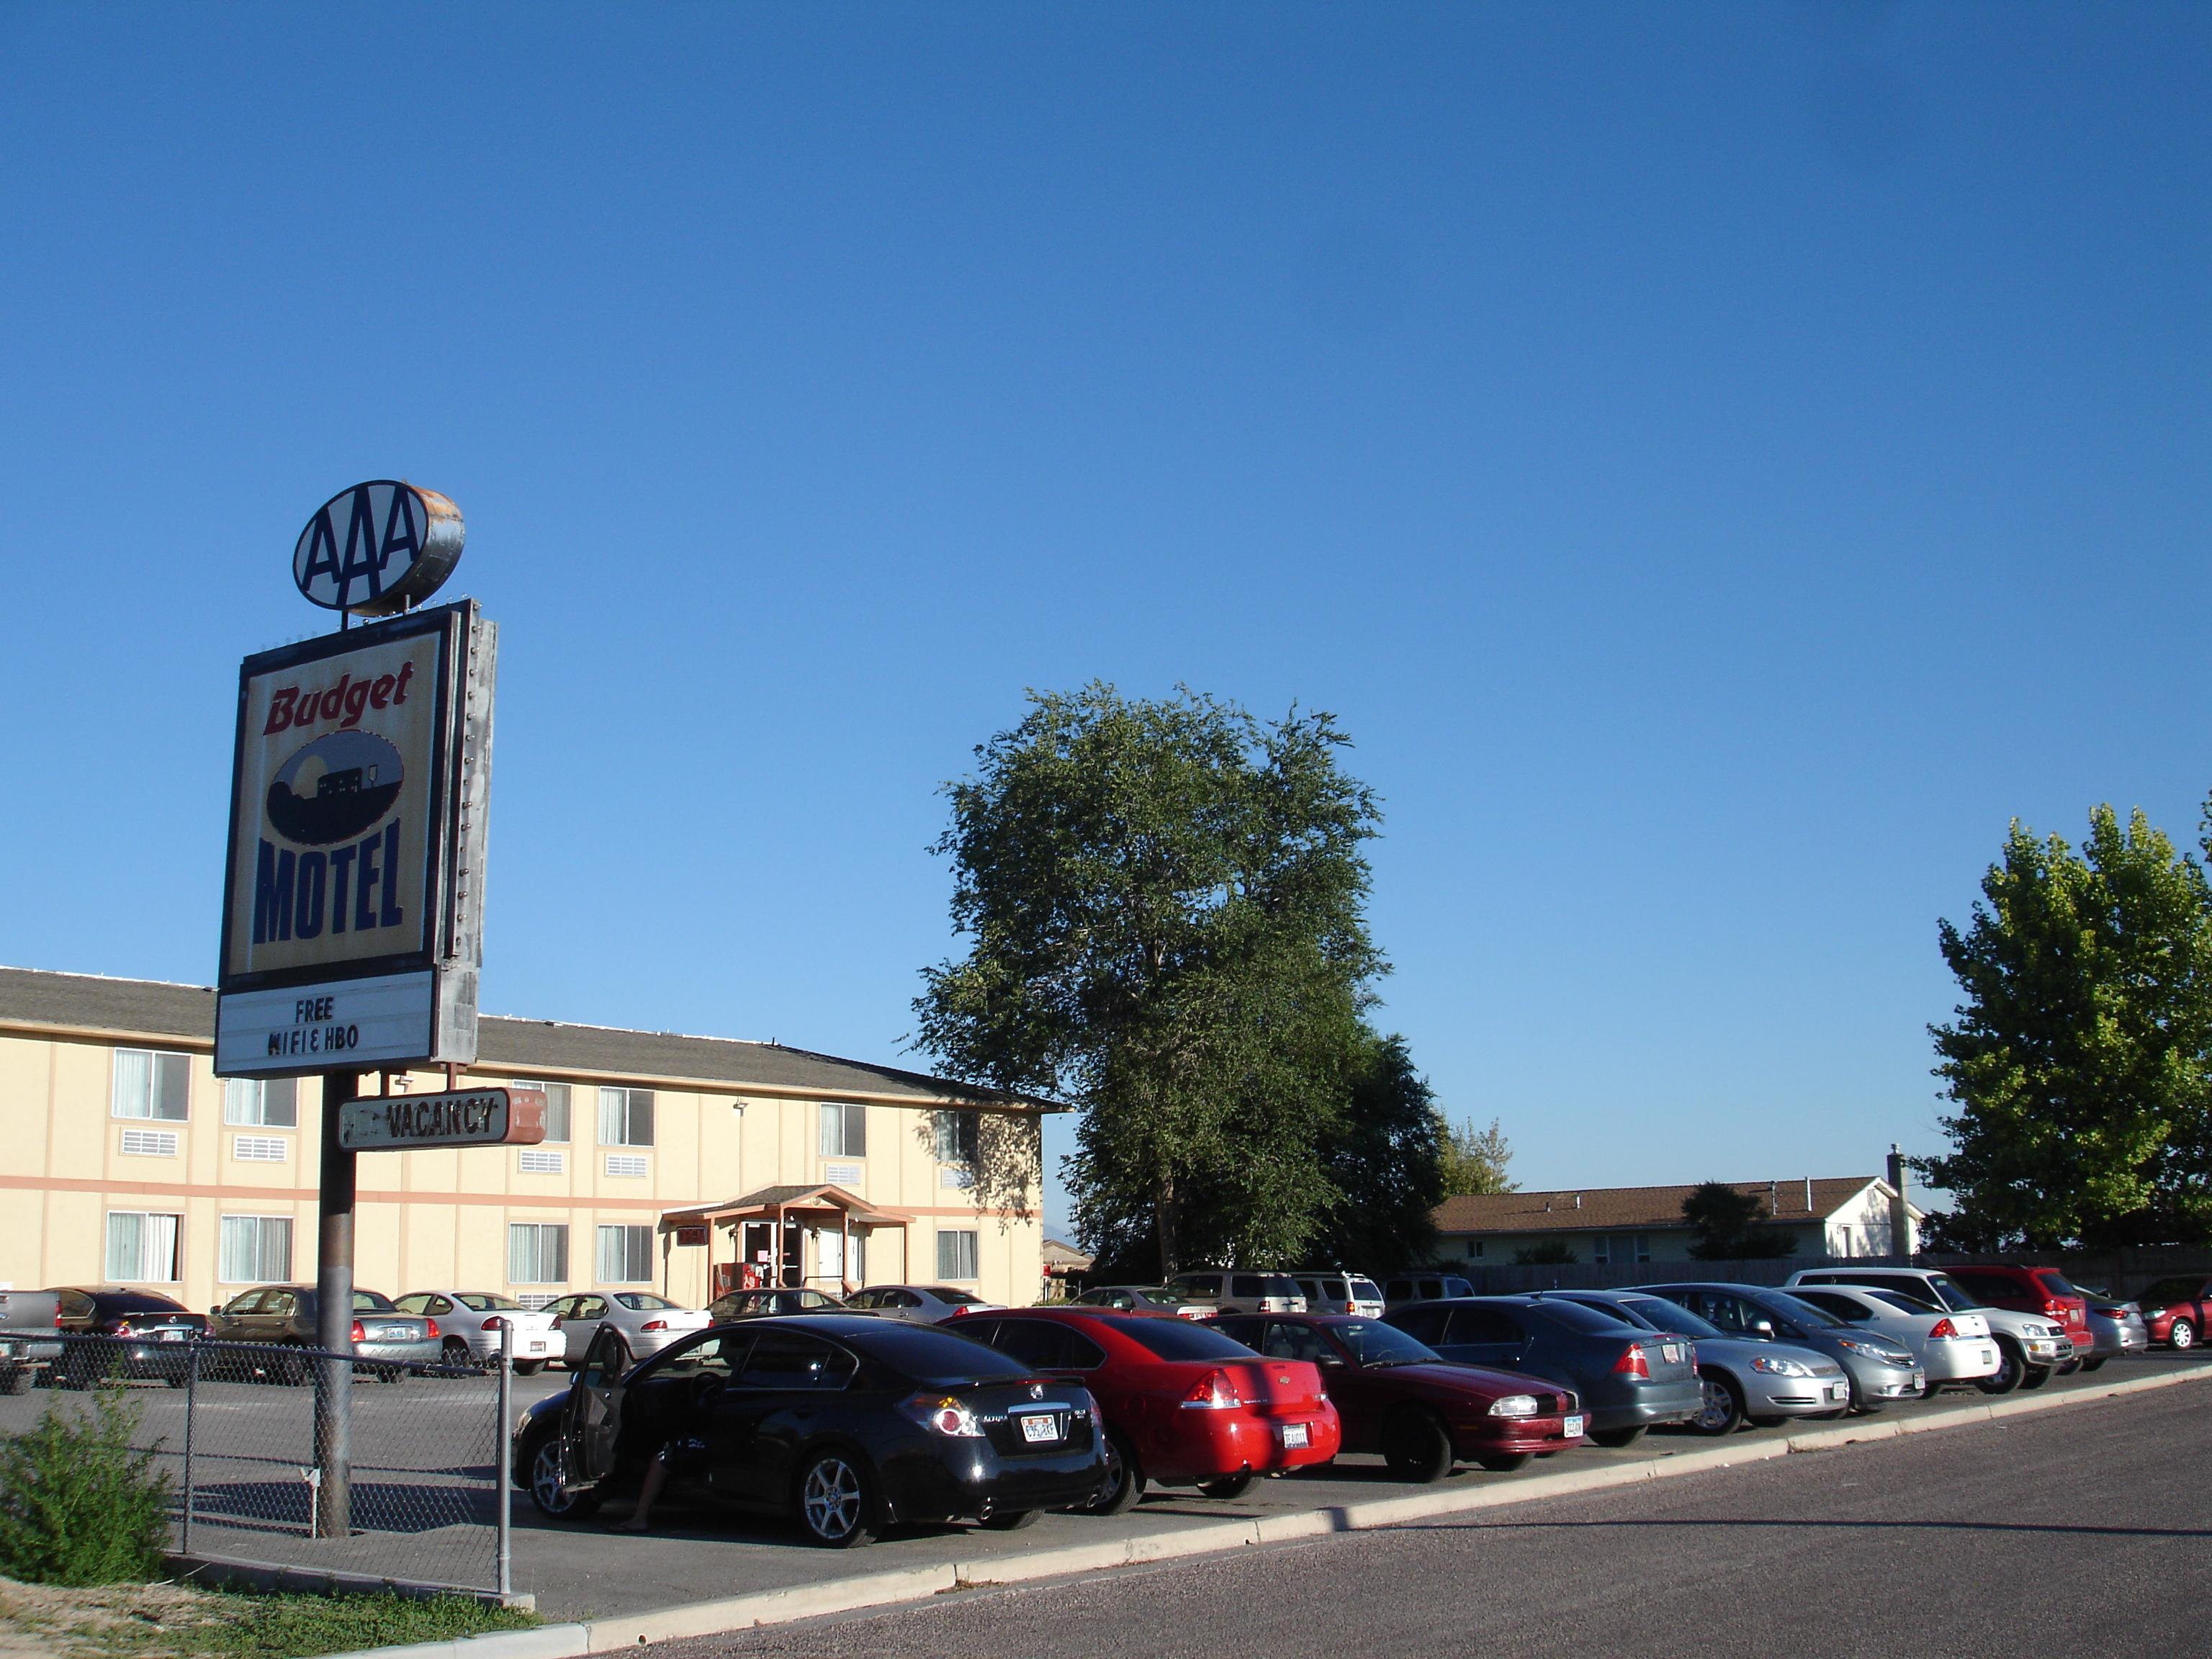 Budget Motel, Delta UT